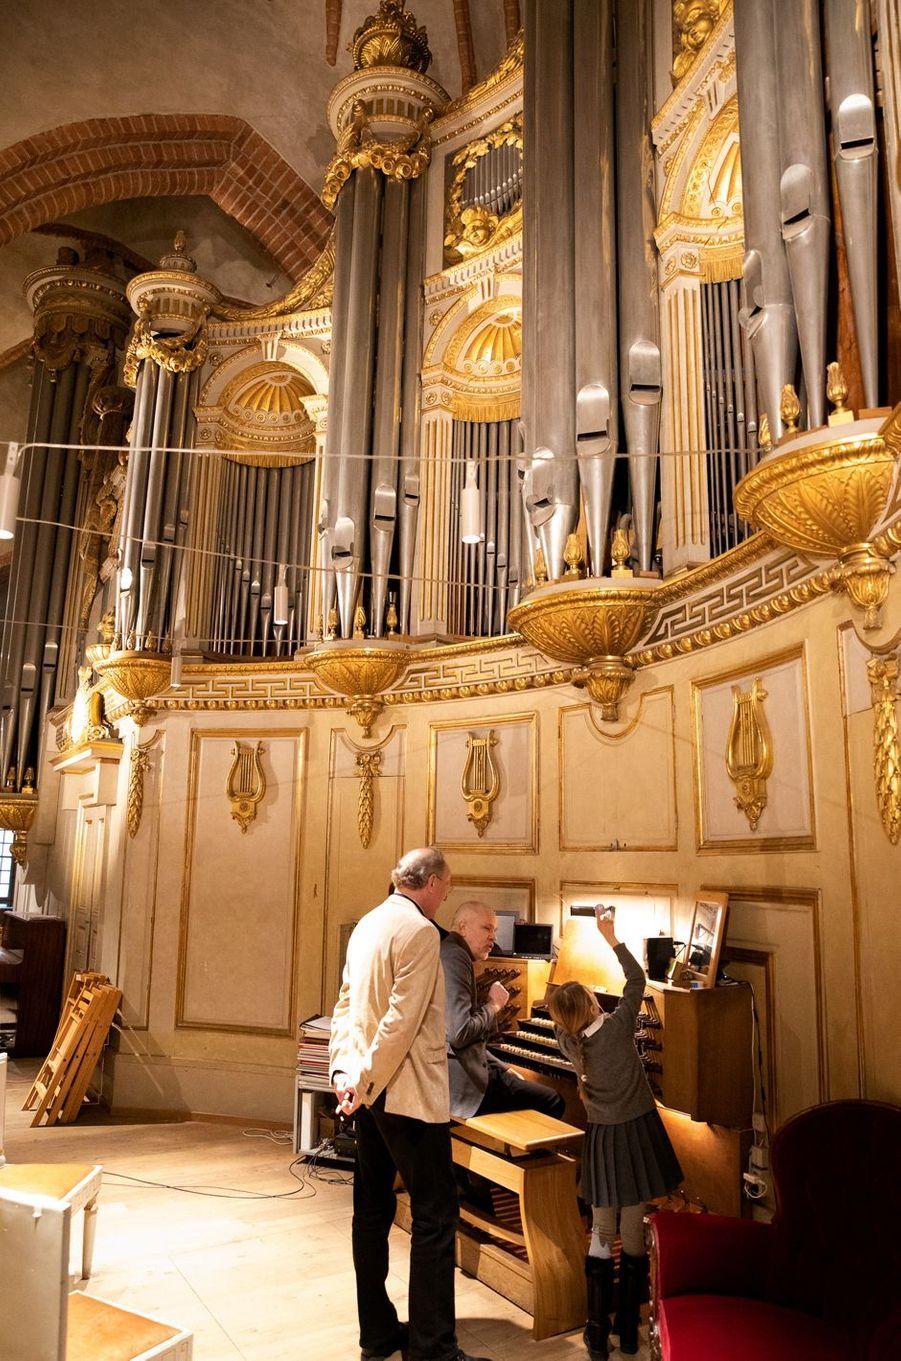 La princesse Estelle de Suède à la tribune de l'orgue de la Storkyrkan, la cathédrale de Stockholm, le 17 février 2020